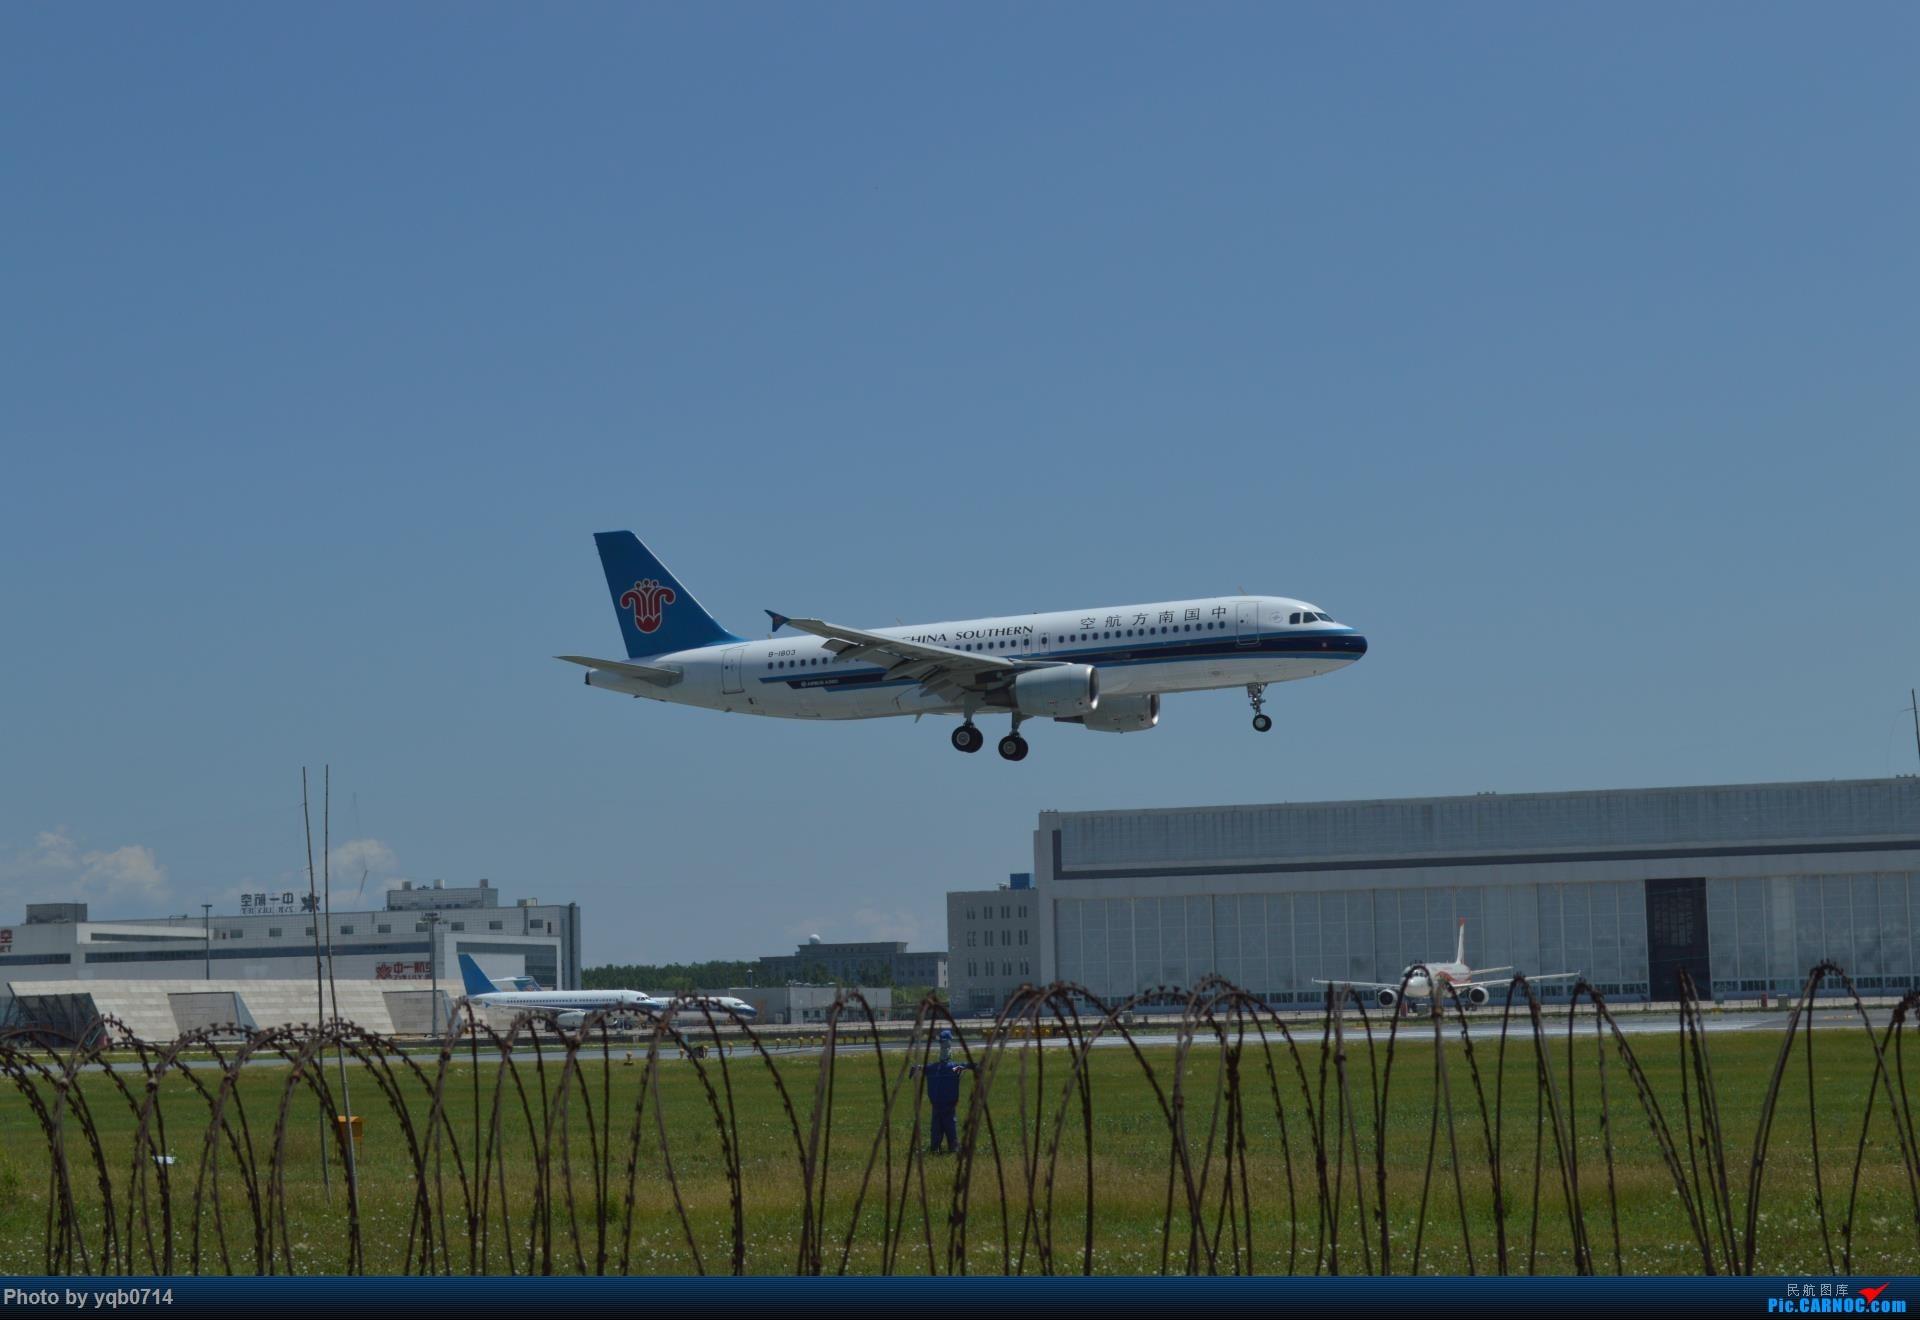 Re:[原创]出来炸道,喜欢星空联盟的小反!!!! AIRBUS A320-200 B-1803